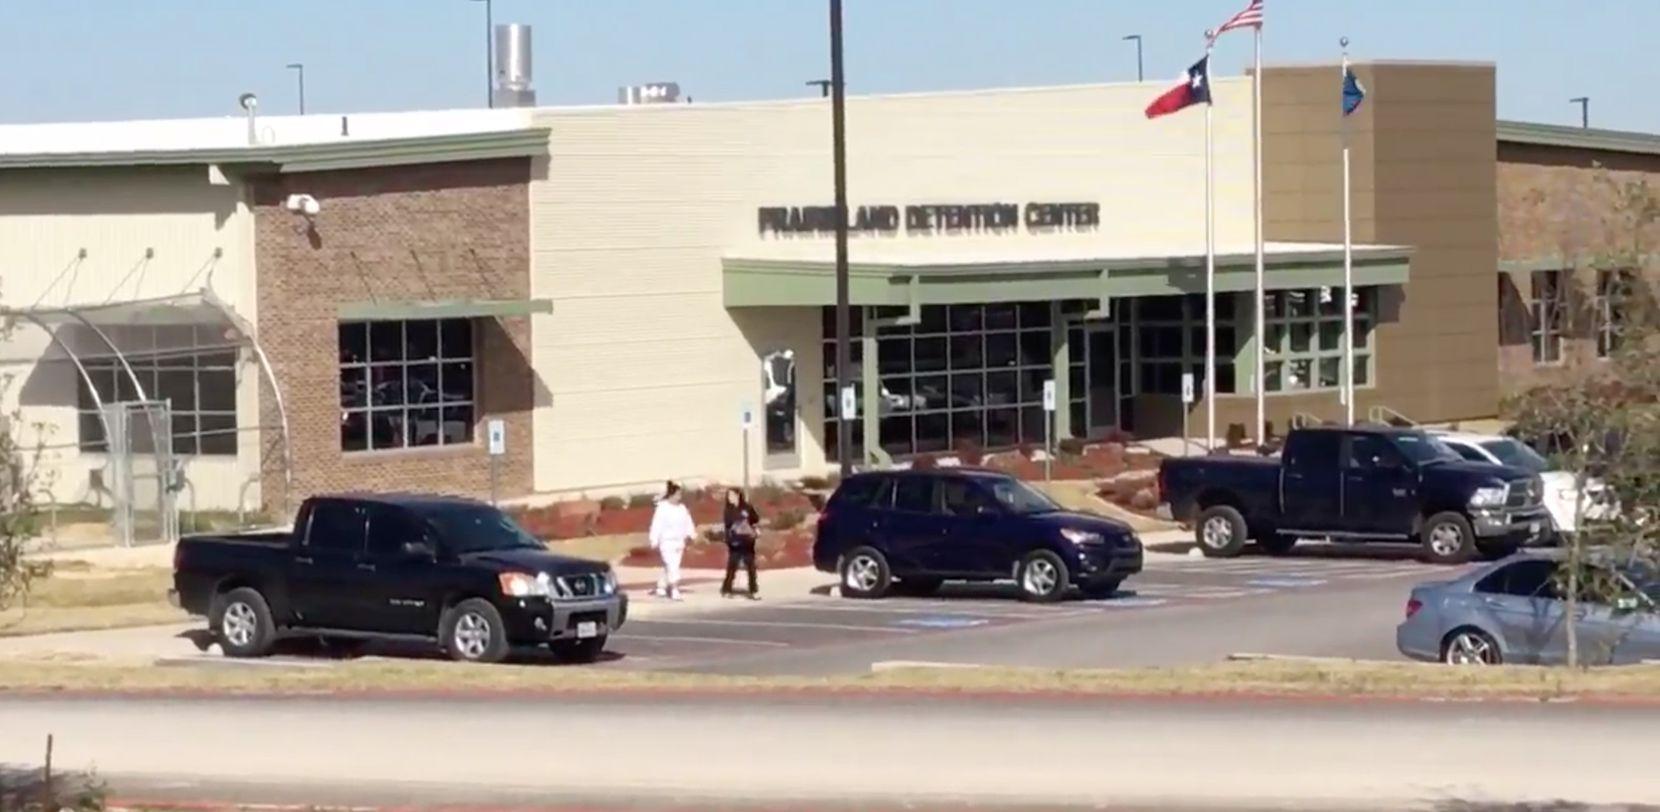 Sara Beltrán y su abogada Fatma Marouf salen del centro de detención en Alvarado. (TWITTER/FOTO DE PANTALLA)